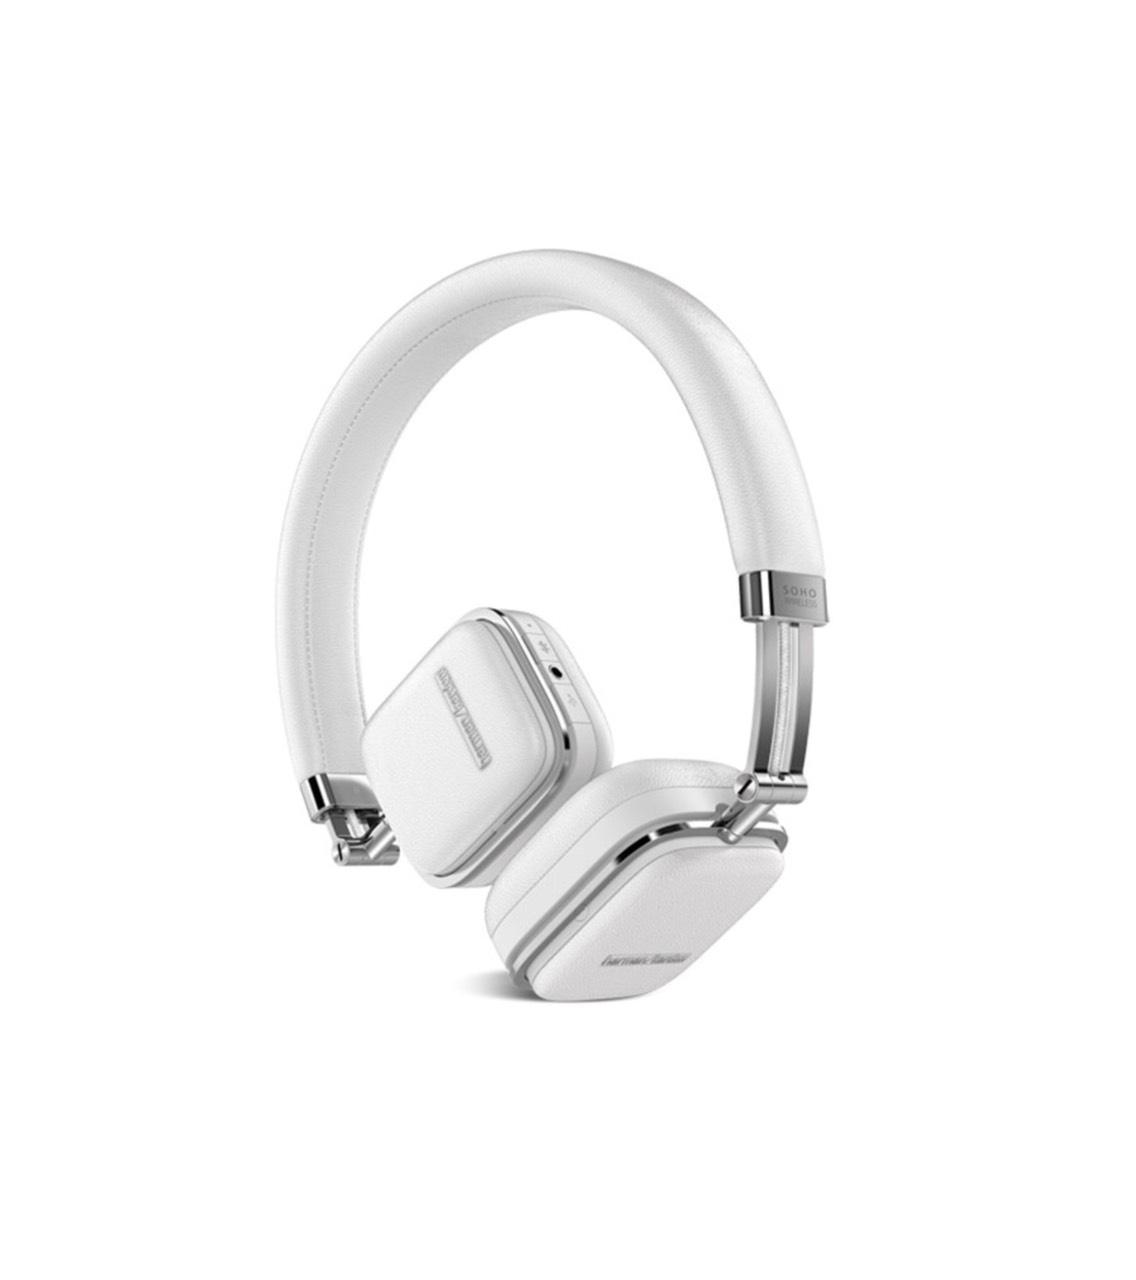 Tai Nghe Bluetooth SOHO 2017